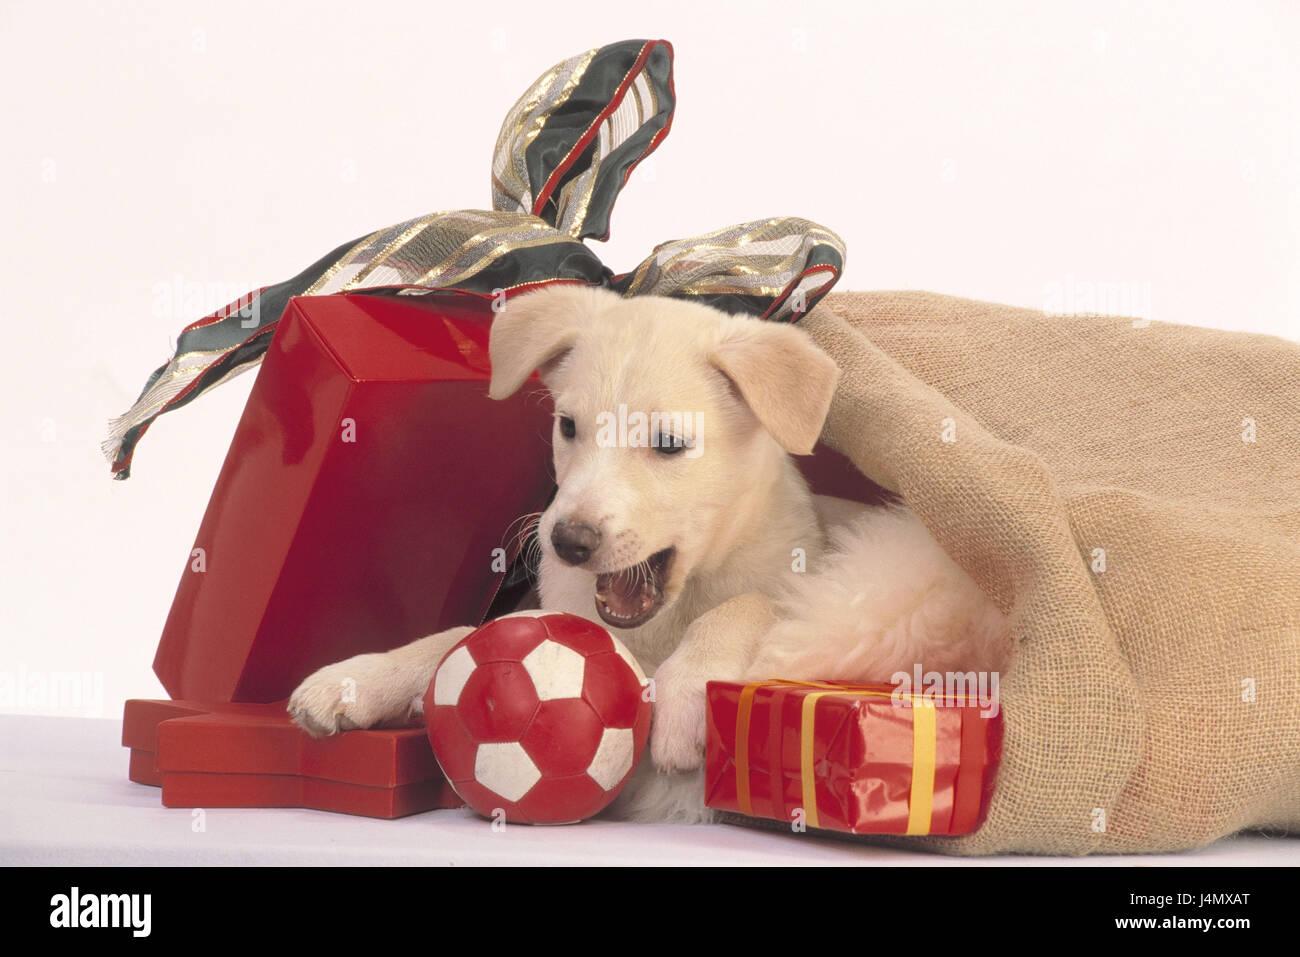 Beutel, Hund Welpe, ball, Weihnachtsgeschenke präsentiert, Nikolaus ...